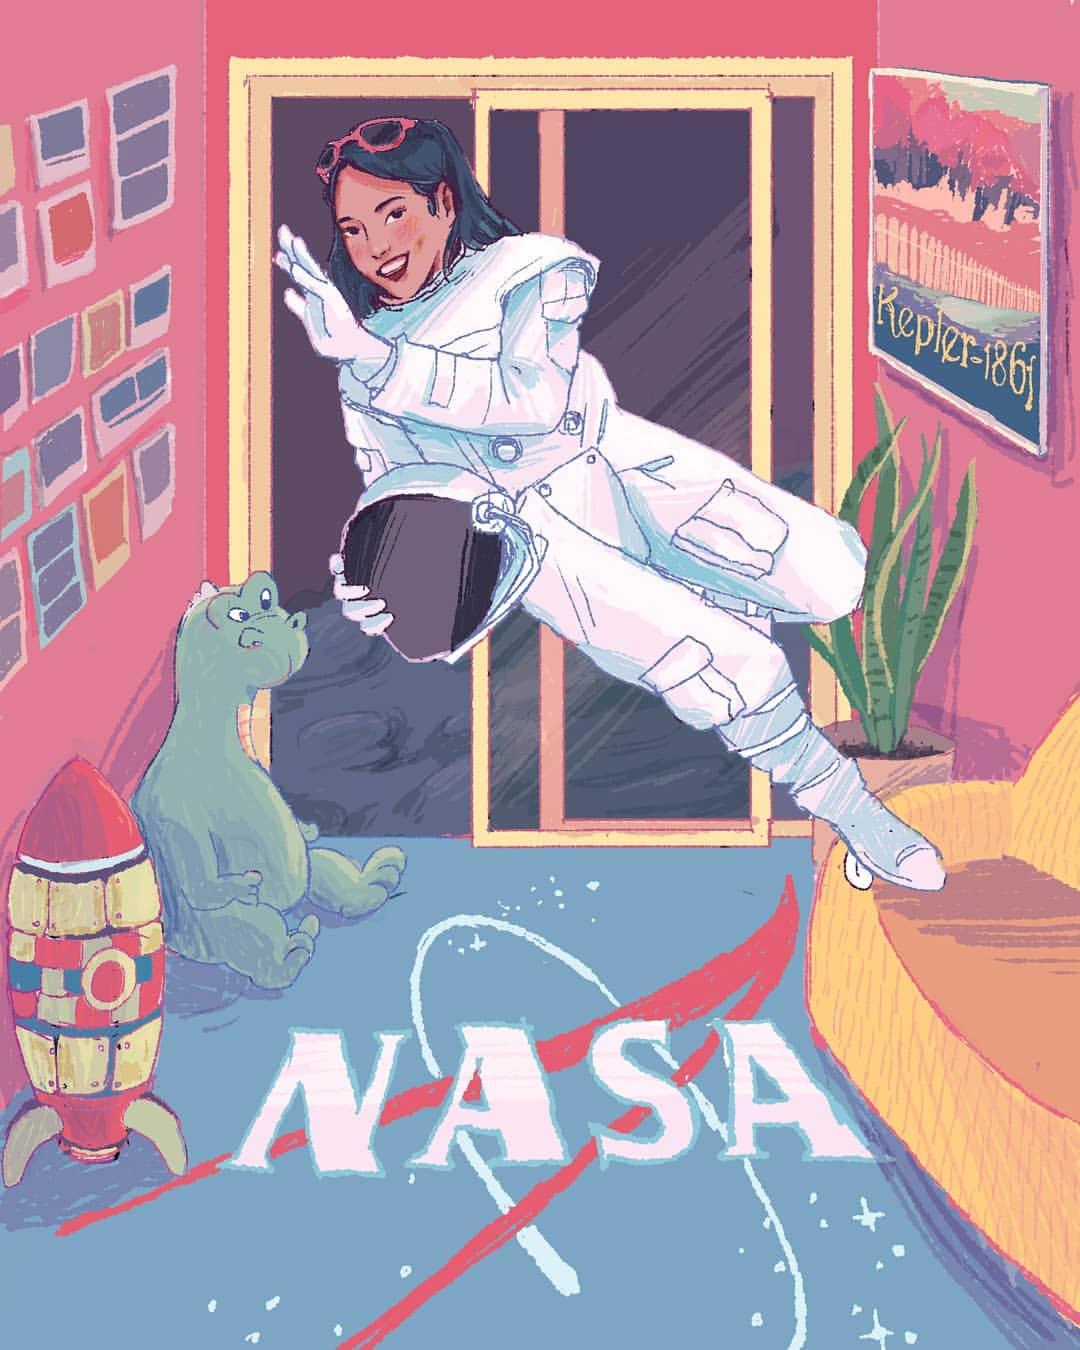 Nadiyah Rizki & Astro Ruby: Spesialisasi Desainer dan Ilustrator Selalu Mengungguli Generalisasi